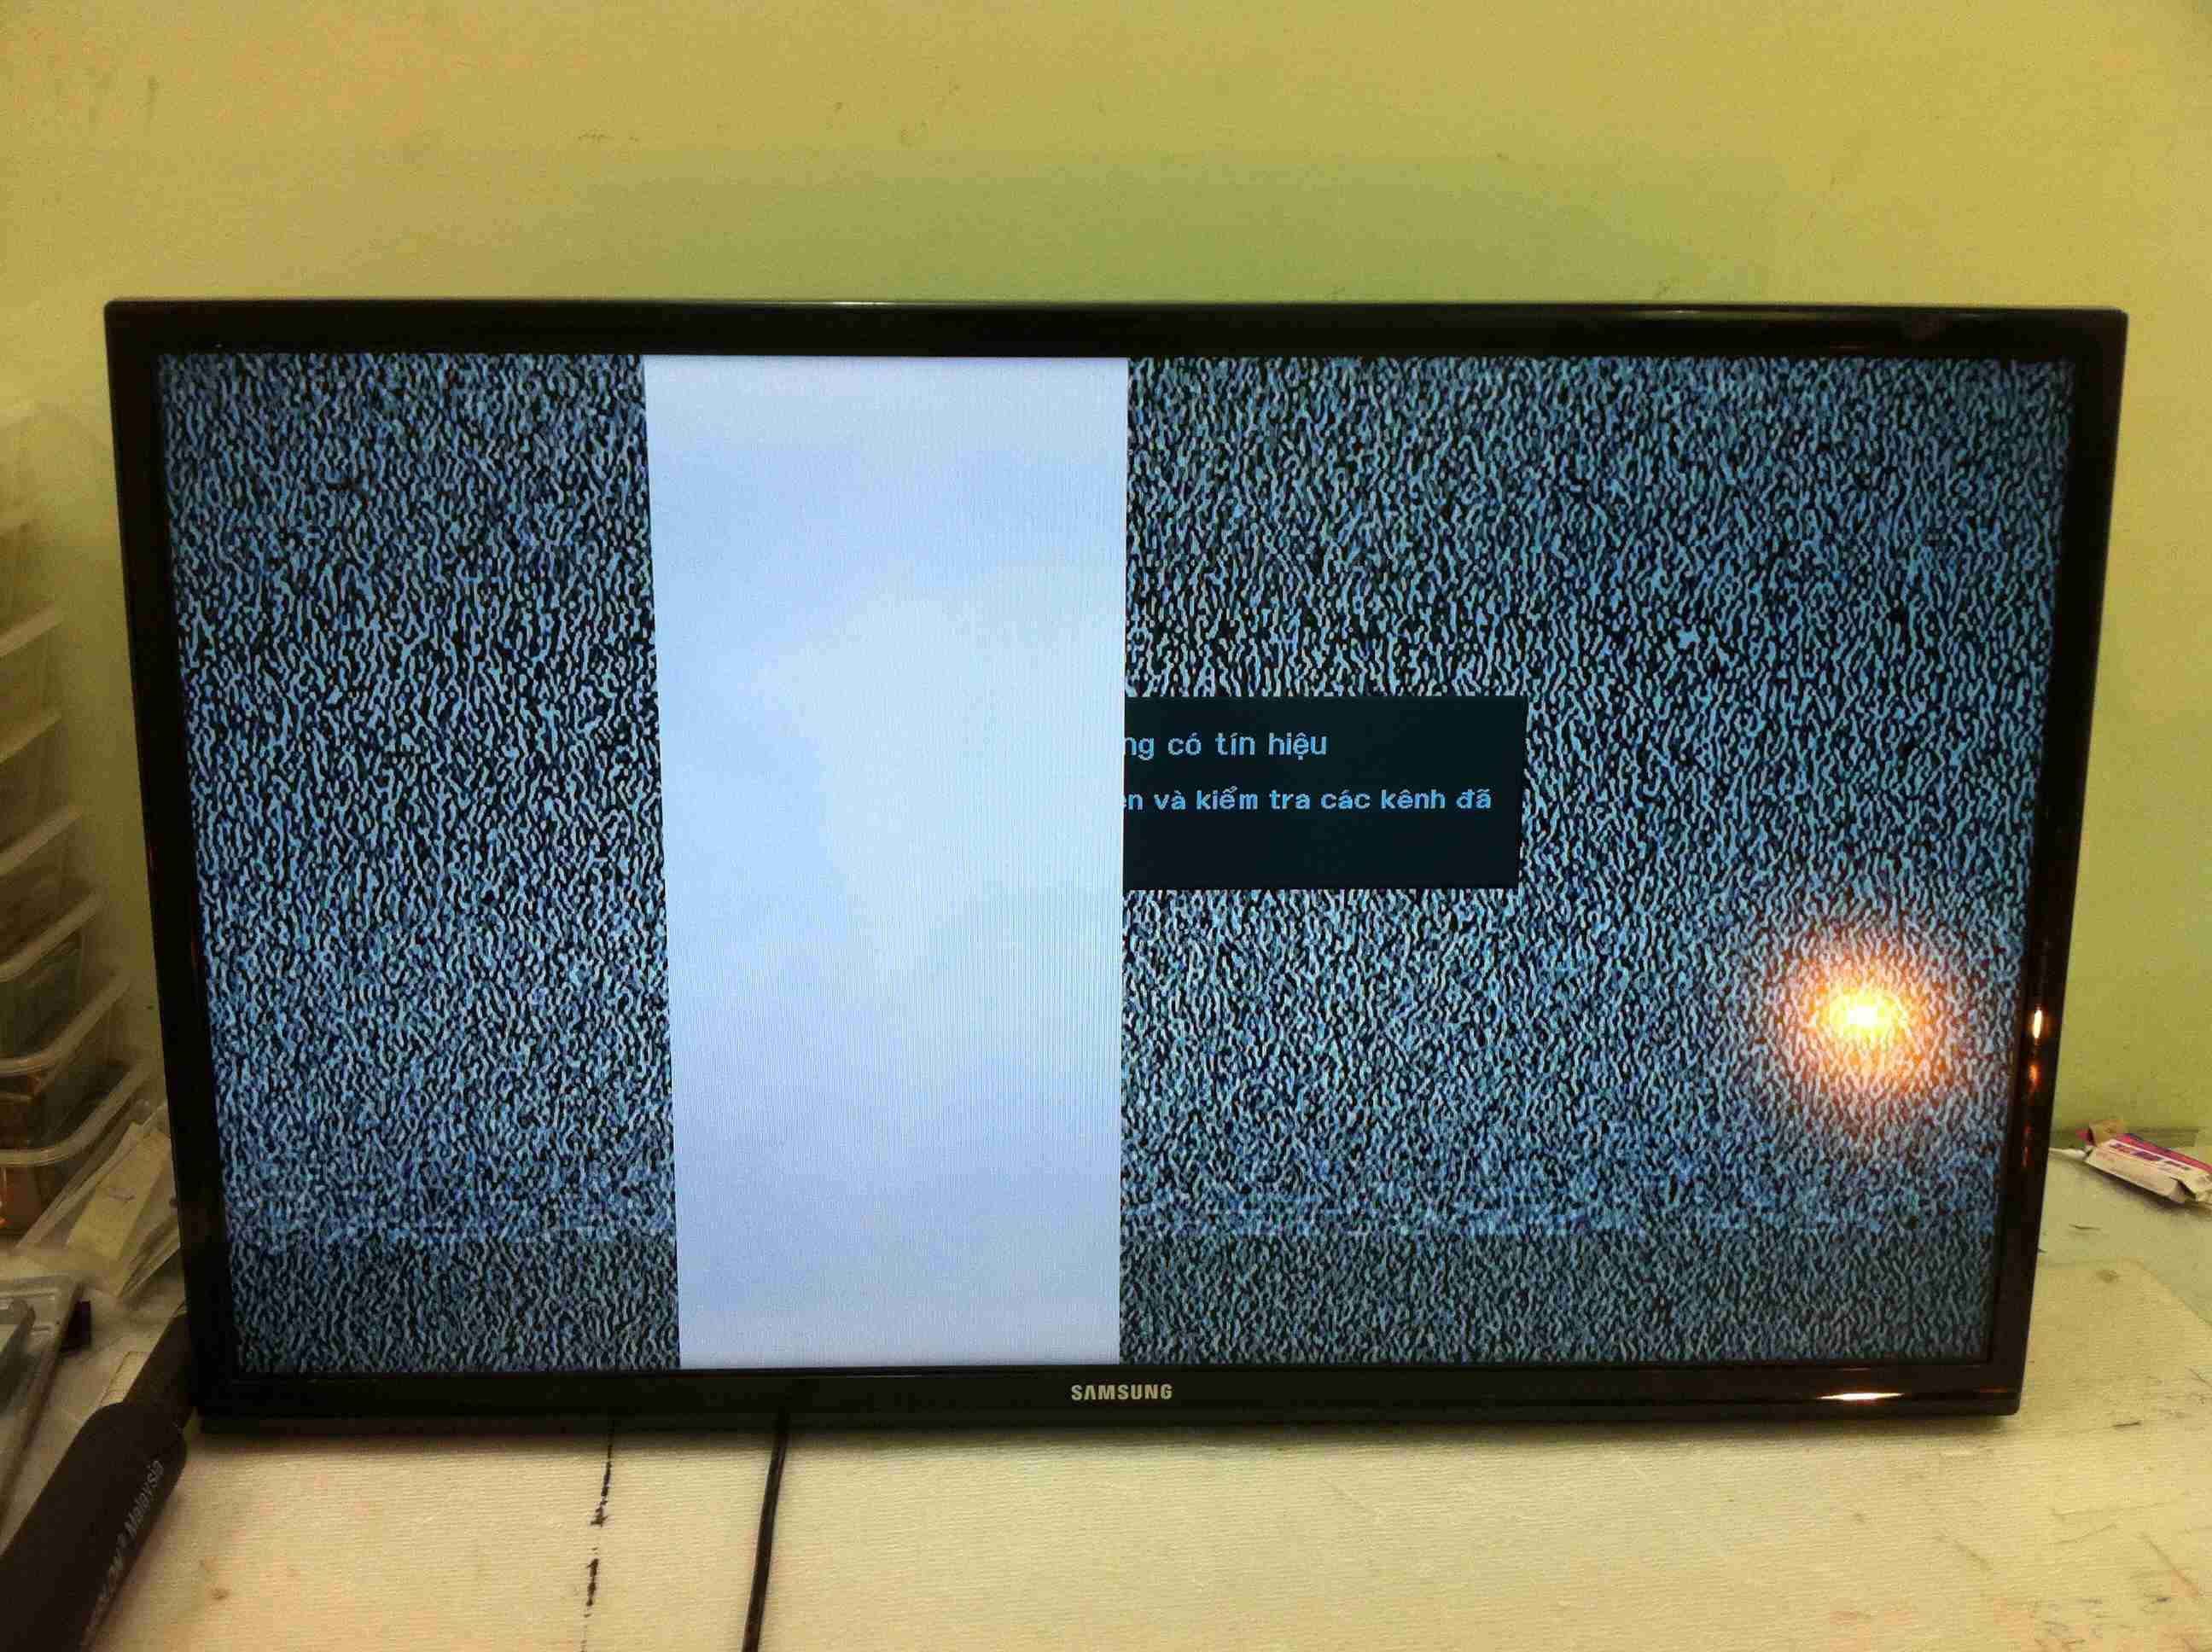 sửa tivi sony bị hỏng màn hình tại hải phòng